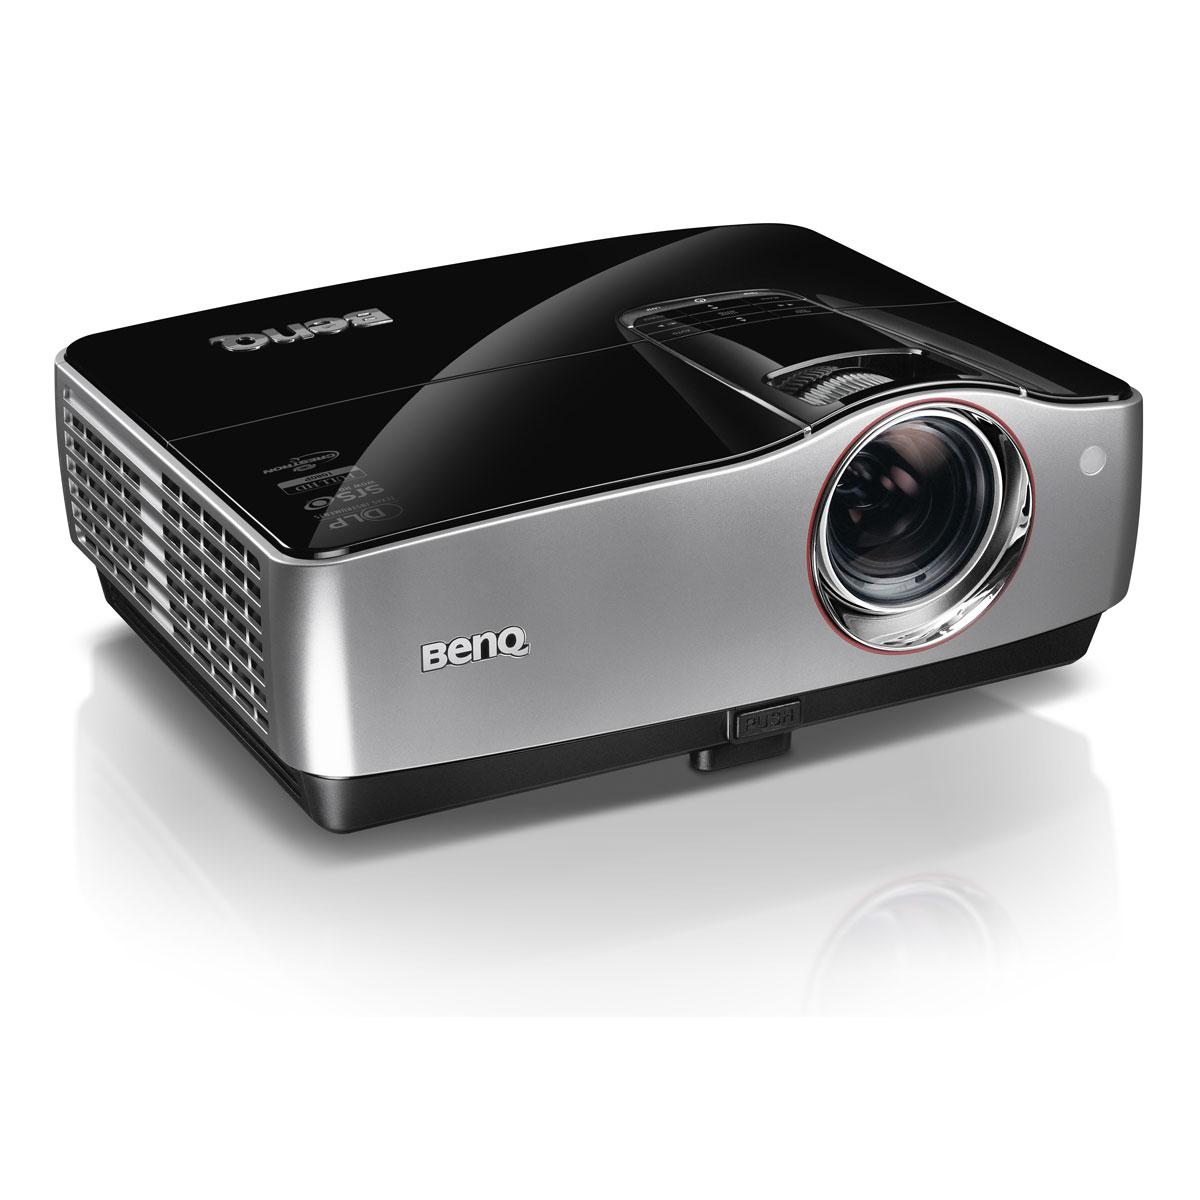 Vidéoprojecteur BenQ SH910 Vidéoprojecteur DLP Full HD 1080p 4000 Lumens (garantie lampe 1 an ou 2000 h)